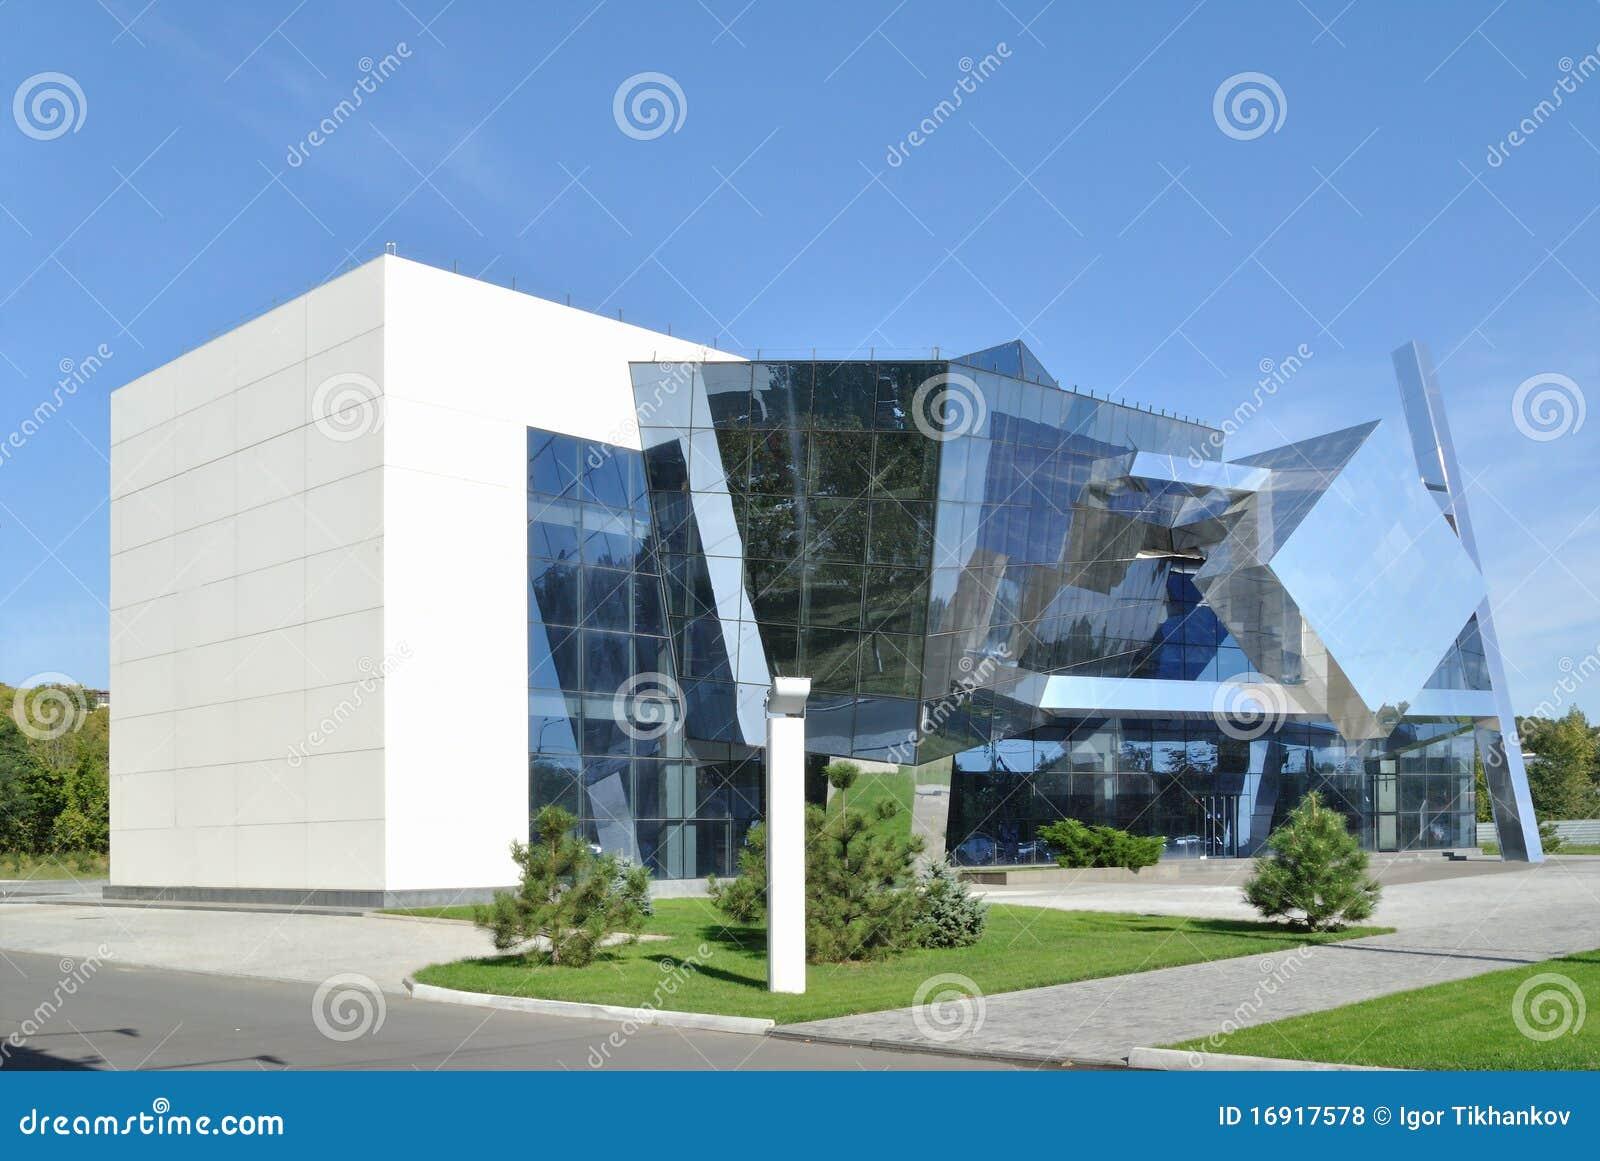 Das Beispiel Von Kubismus In Der Modernen Architektur